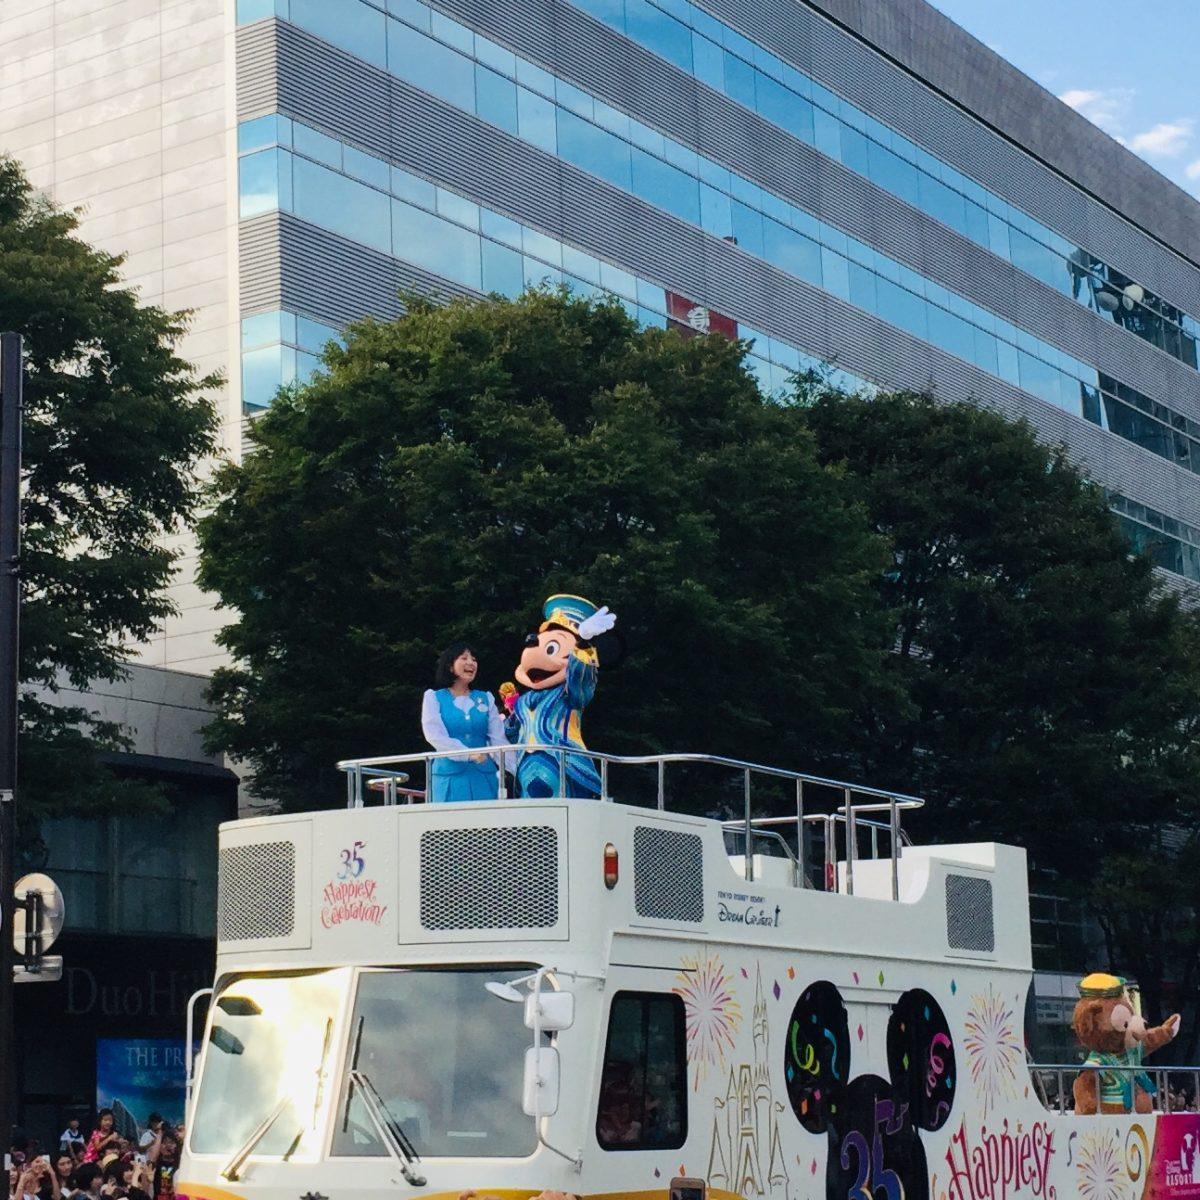 甲府市で開かれた東京ディズニーリゾート35周年スペシャルパレードでのミッキーとお姉さん